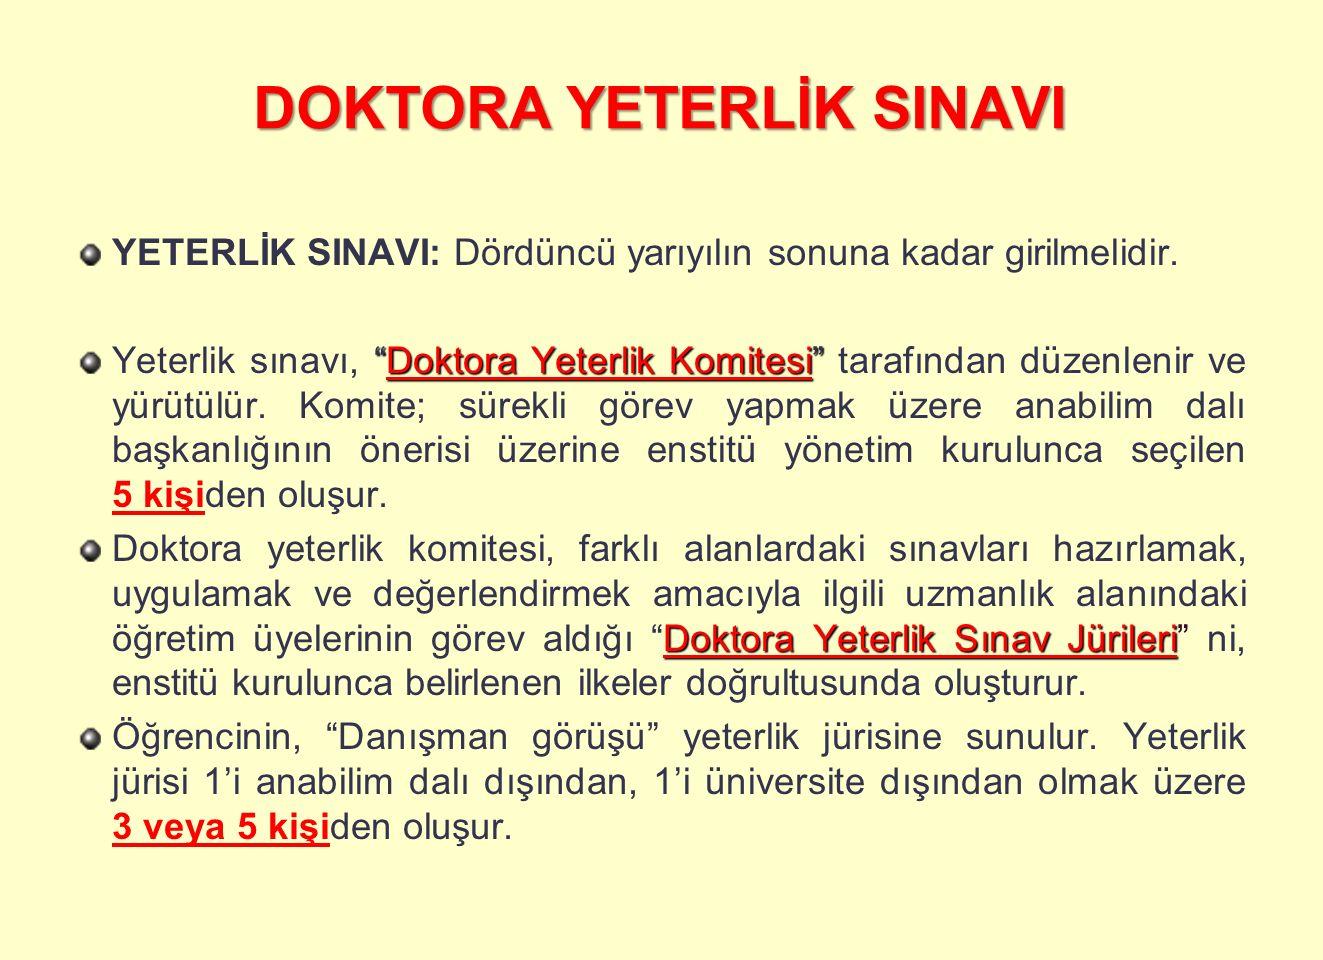 """DOKTORA YETERLİK SINAVI YETERLİK SINAVI: Dördüncü yarıyılın sonuna kadar girilmelidir. """"Doktora Yeterlik Komitesi"""" Yeterlik sınavı, """"Doktora Yeterlik"""